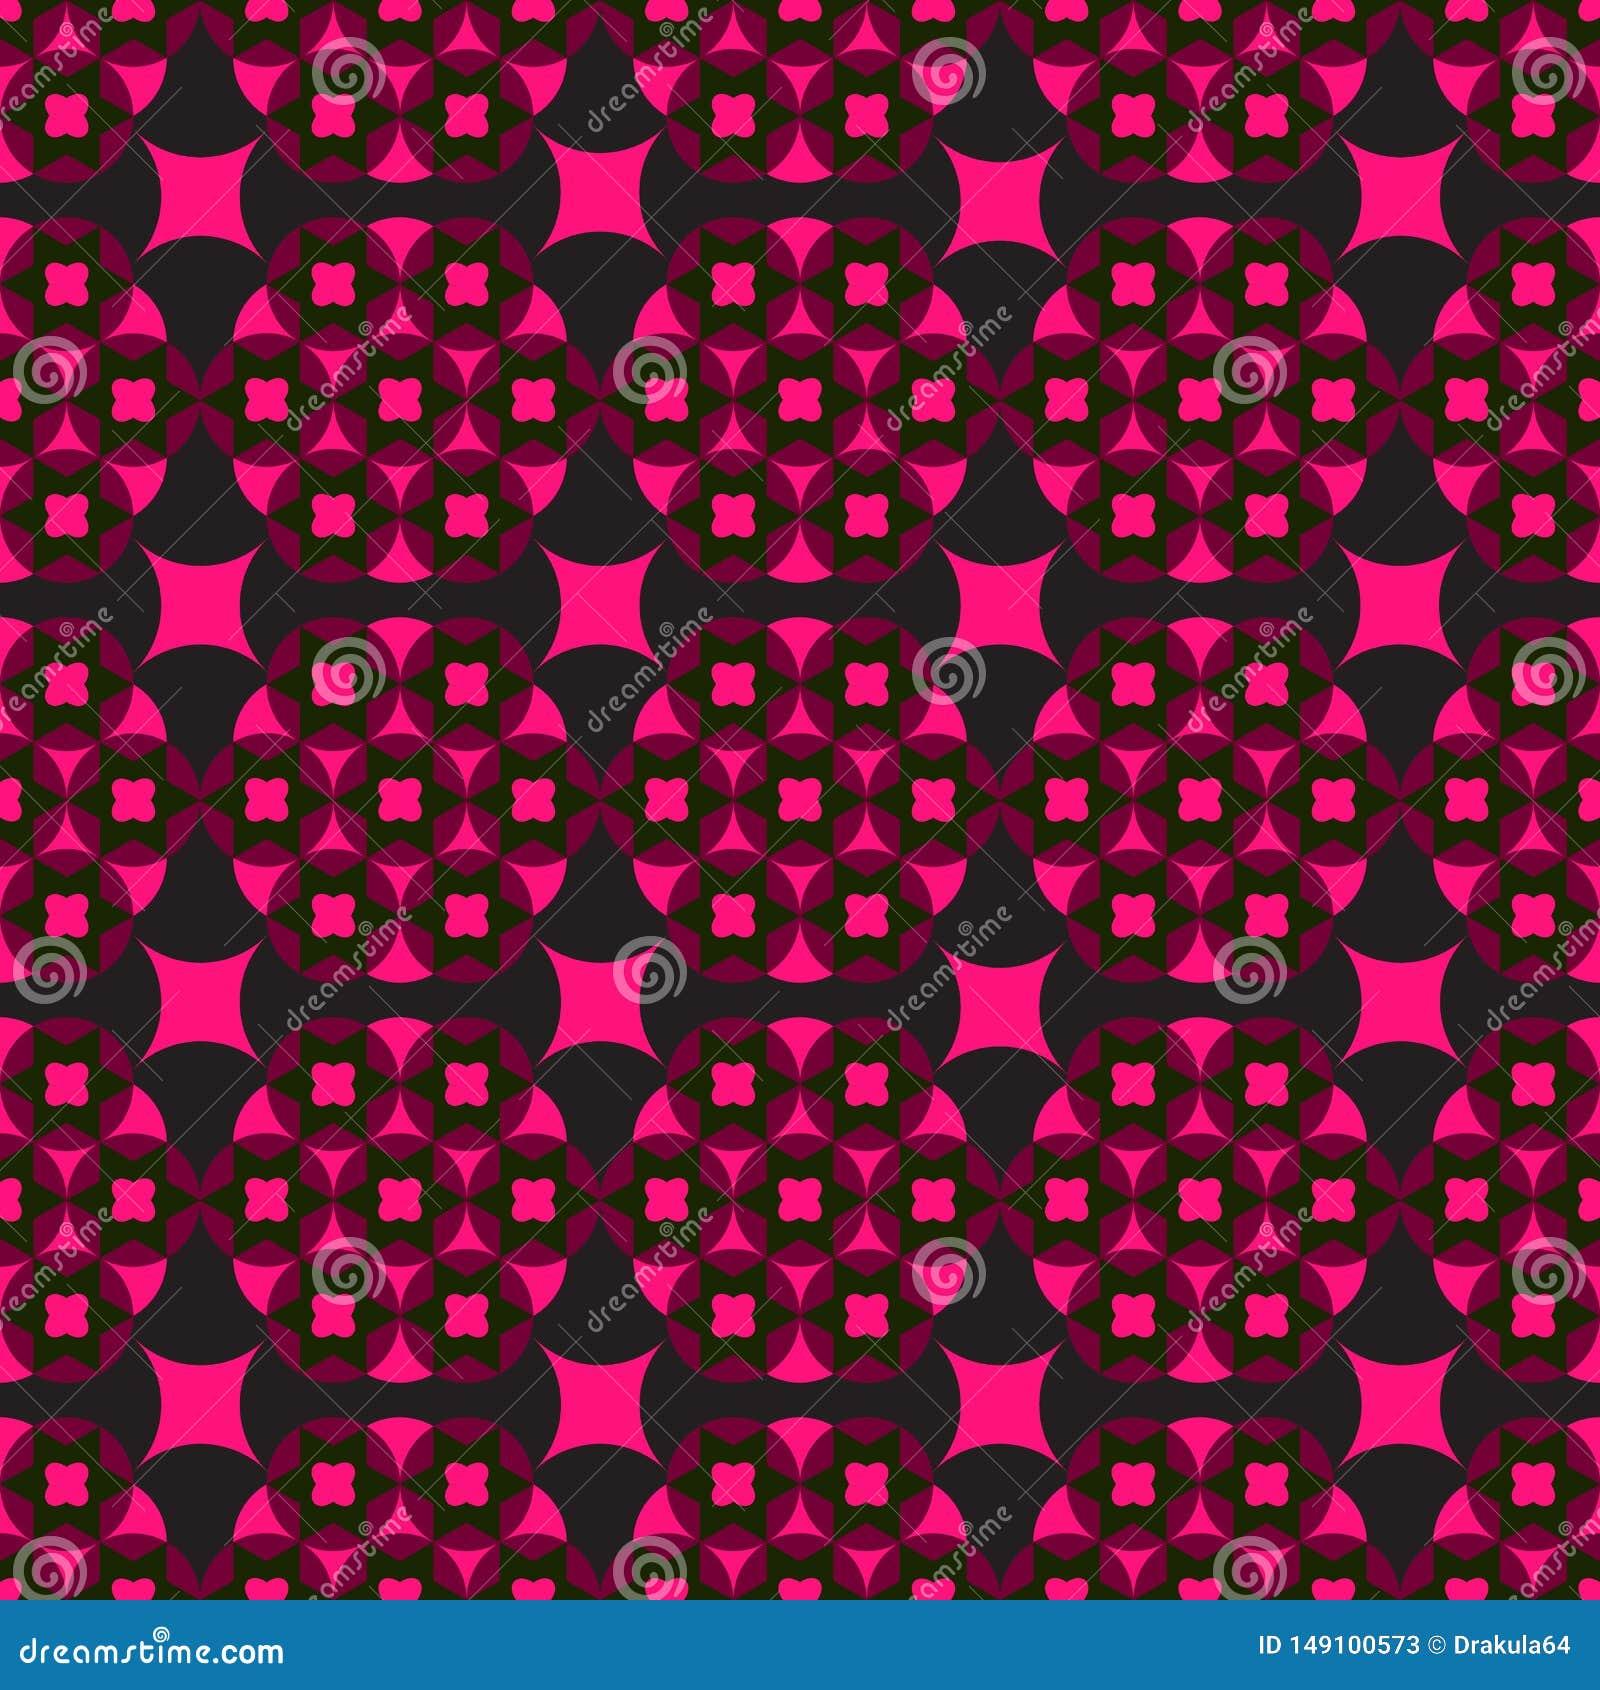 Fondo negro inconsútil con formas geométricas rojas